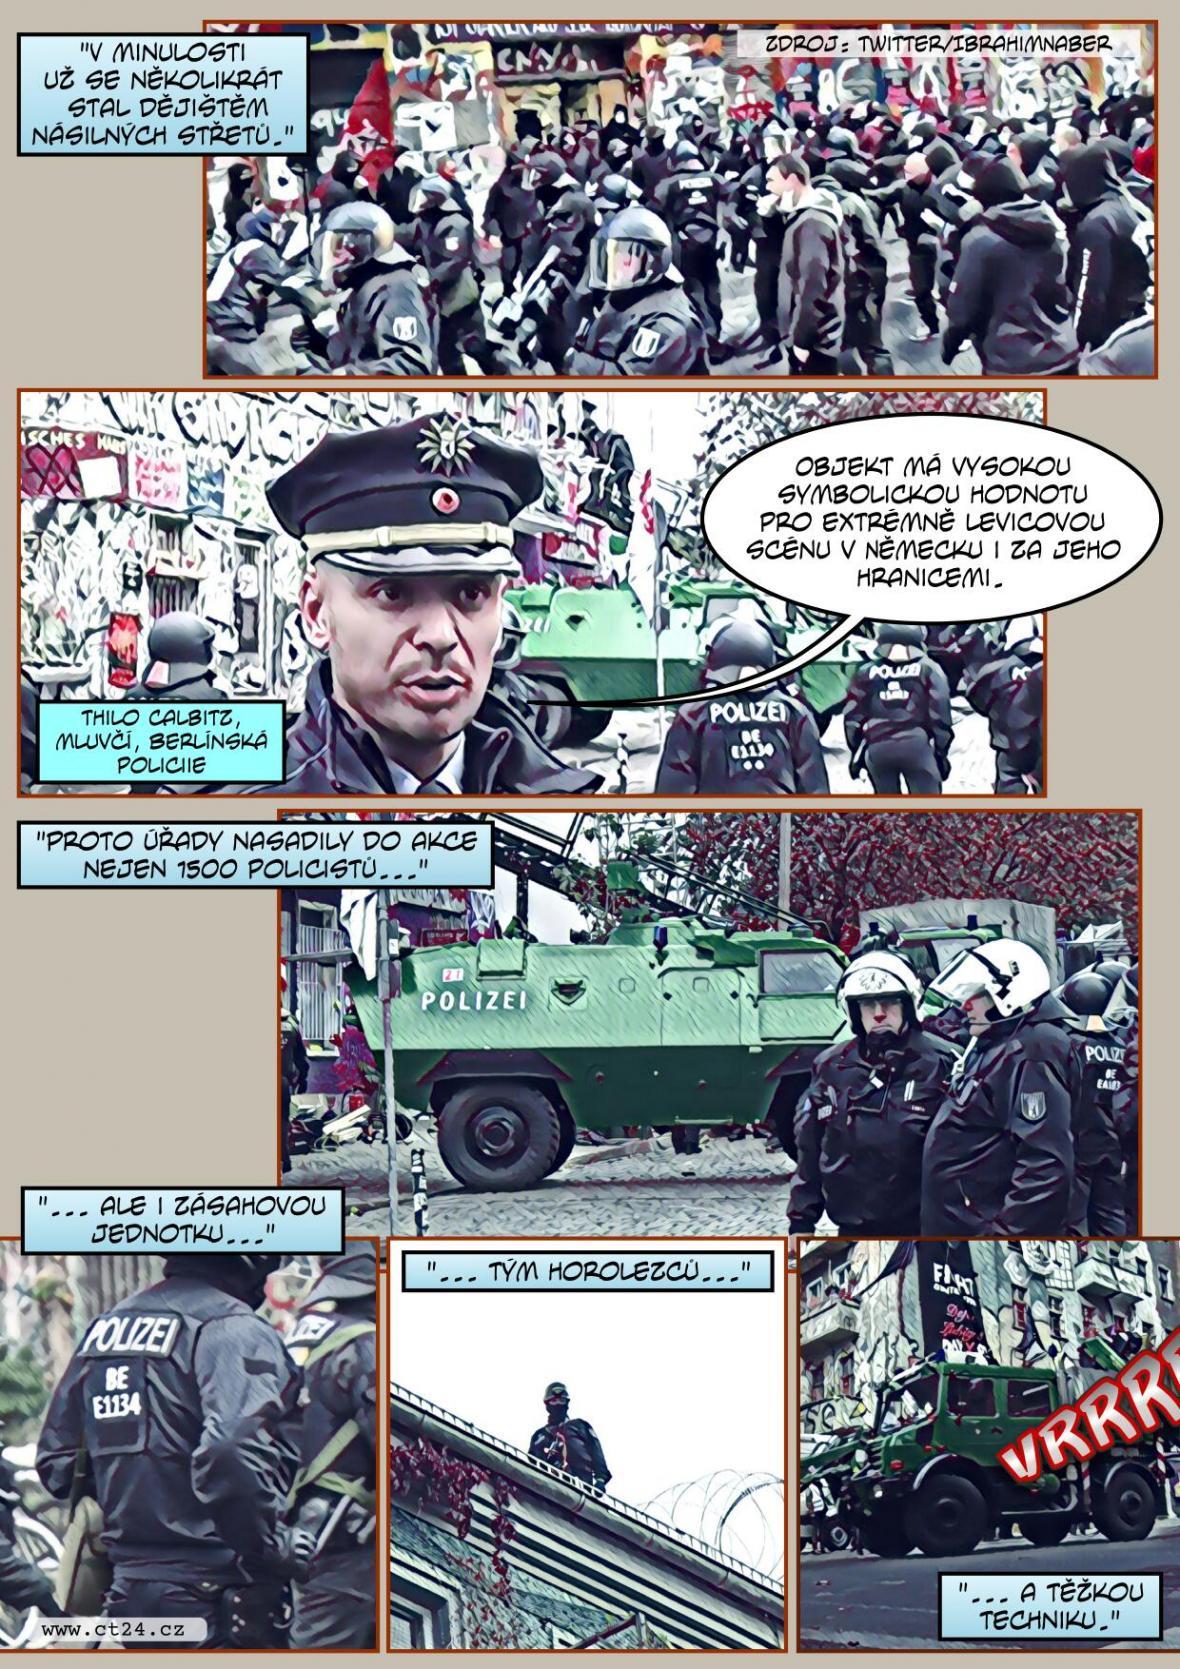 Velký policejní zátah na německý squat. S vyklízením doupěte levicových extrémistů pomáhali i horolezci